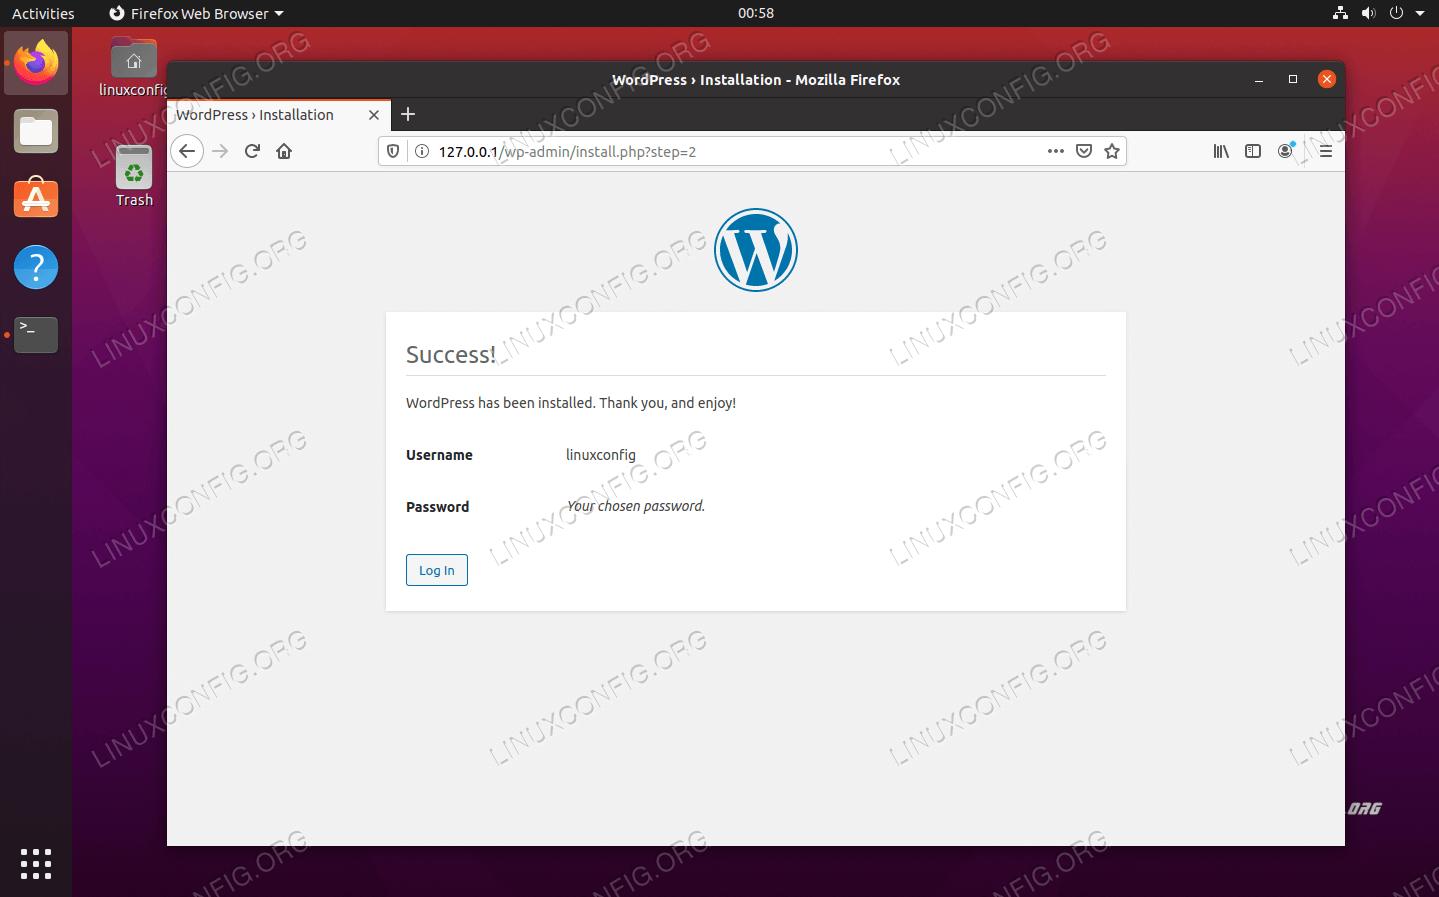 WordPressが正常にインストールされました。 ログインをクリックして管理メニューを探します